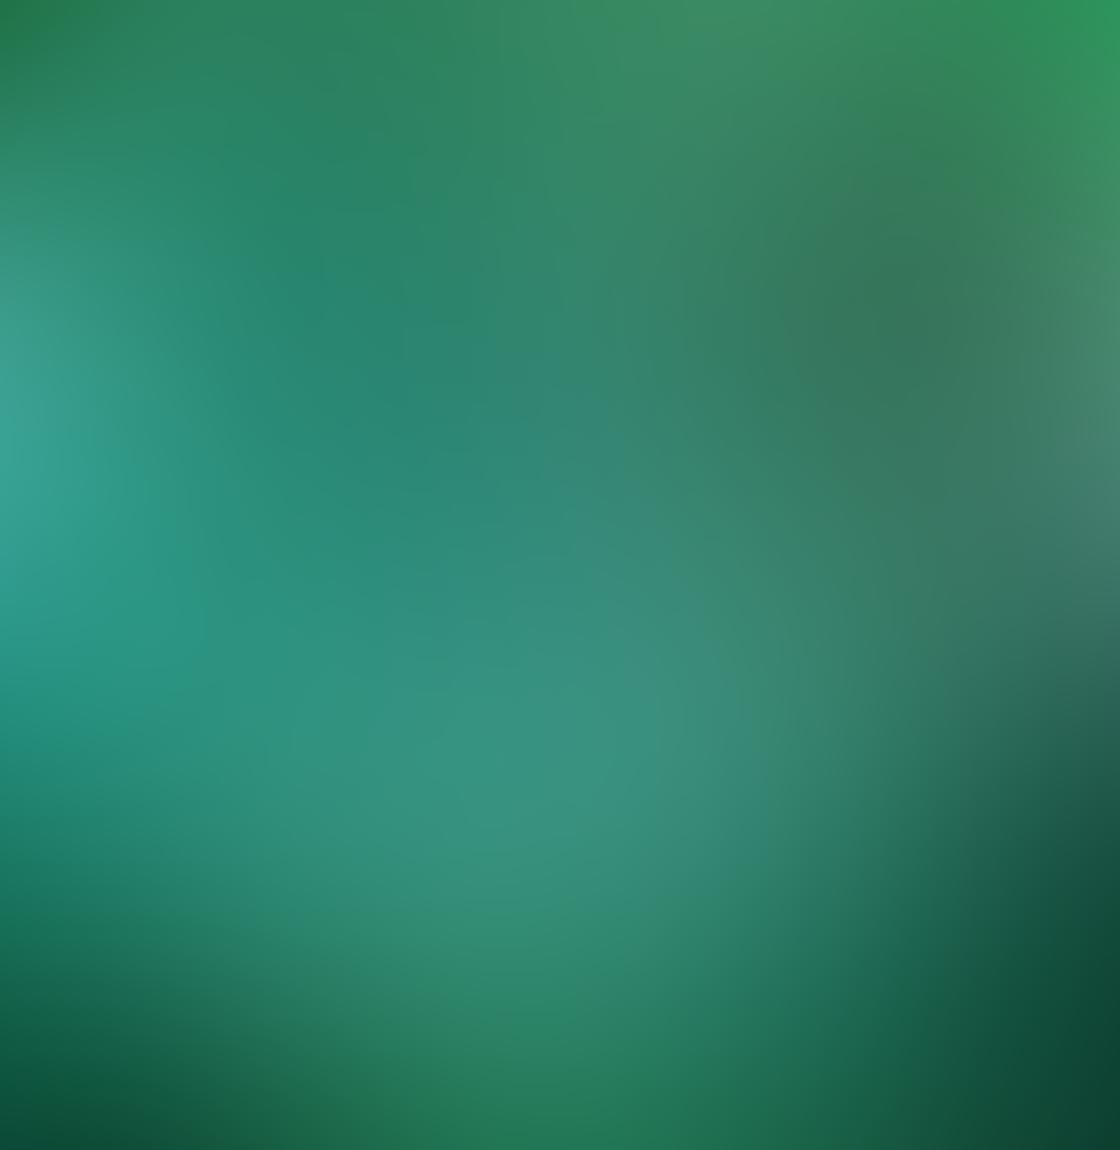 green_iphone_photos-17